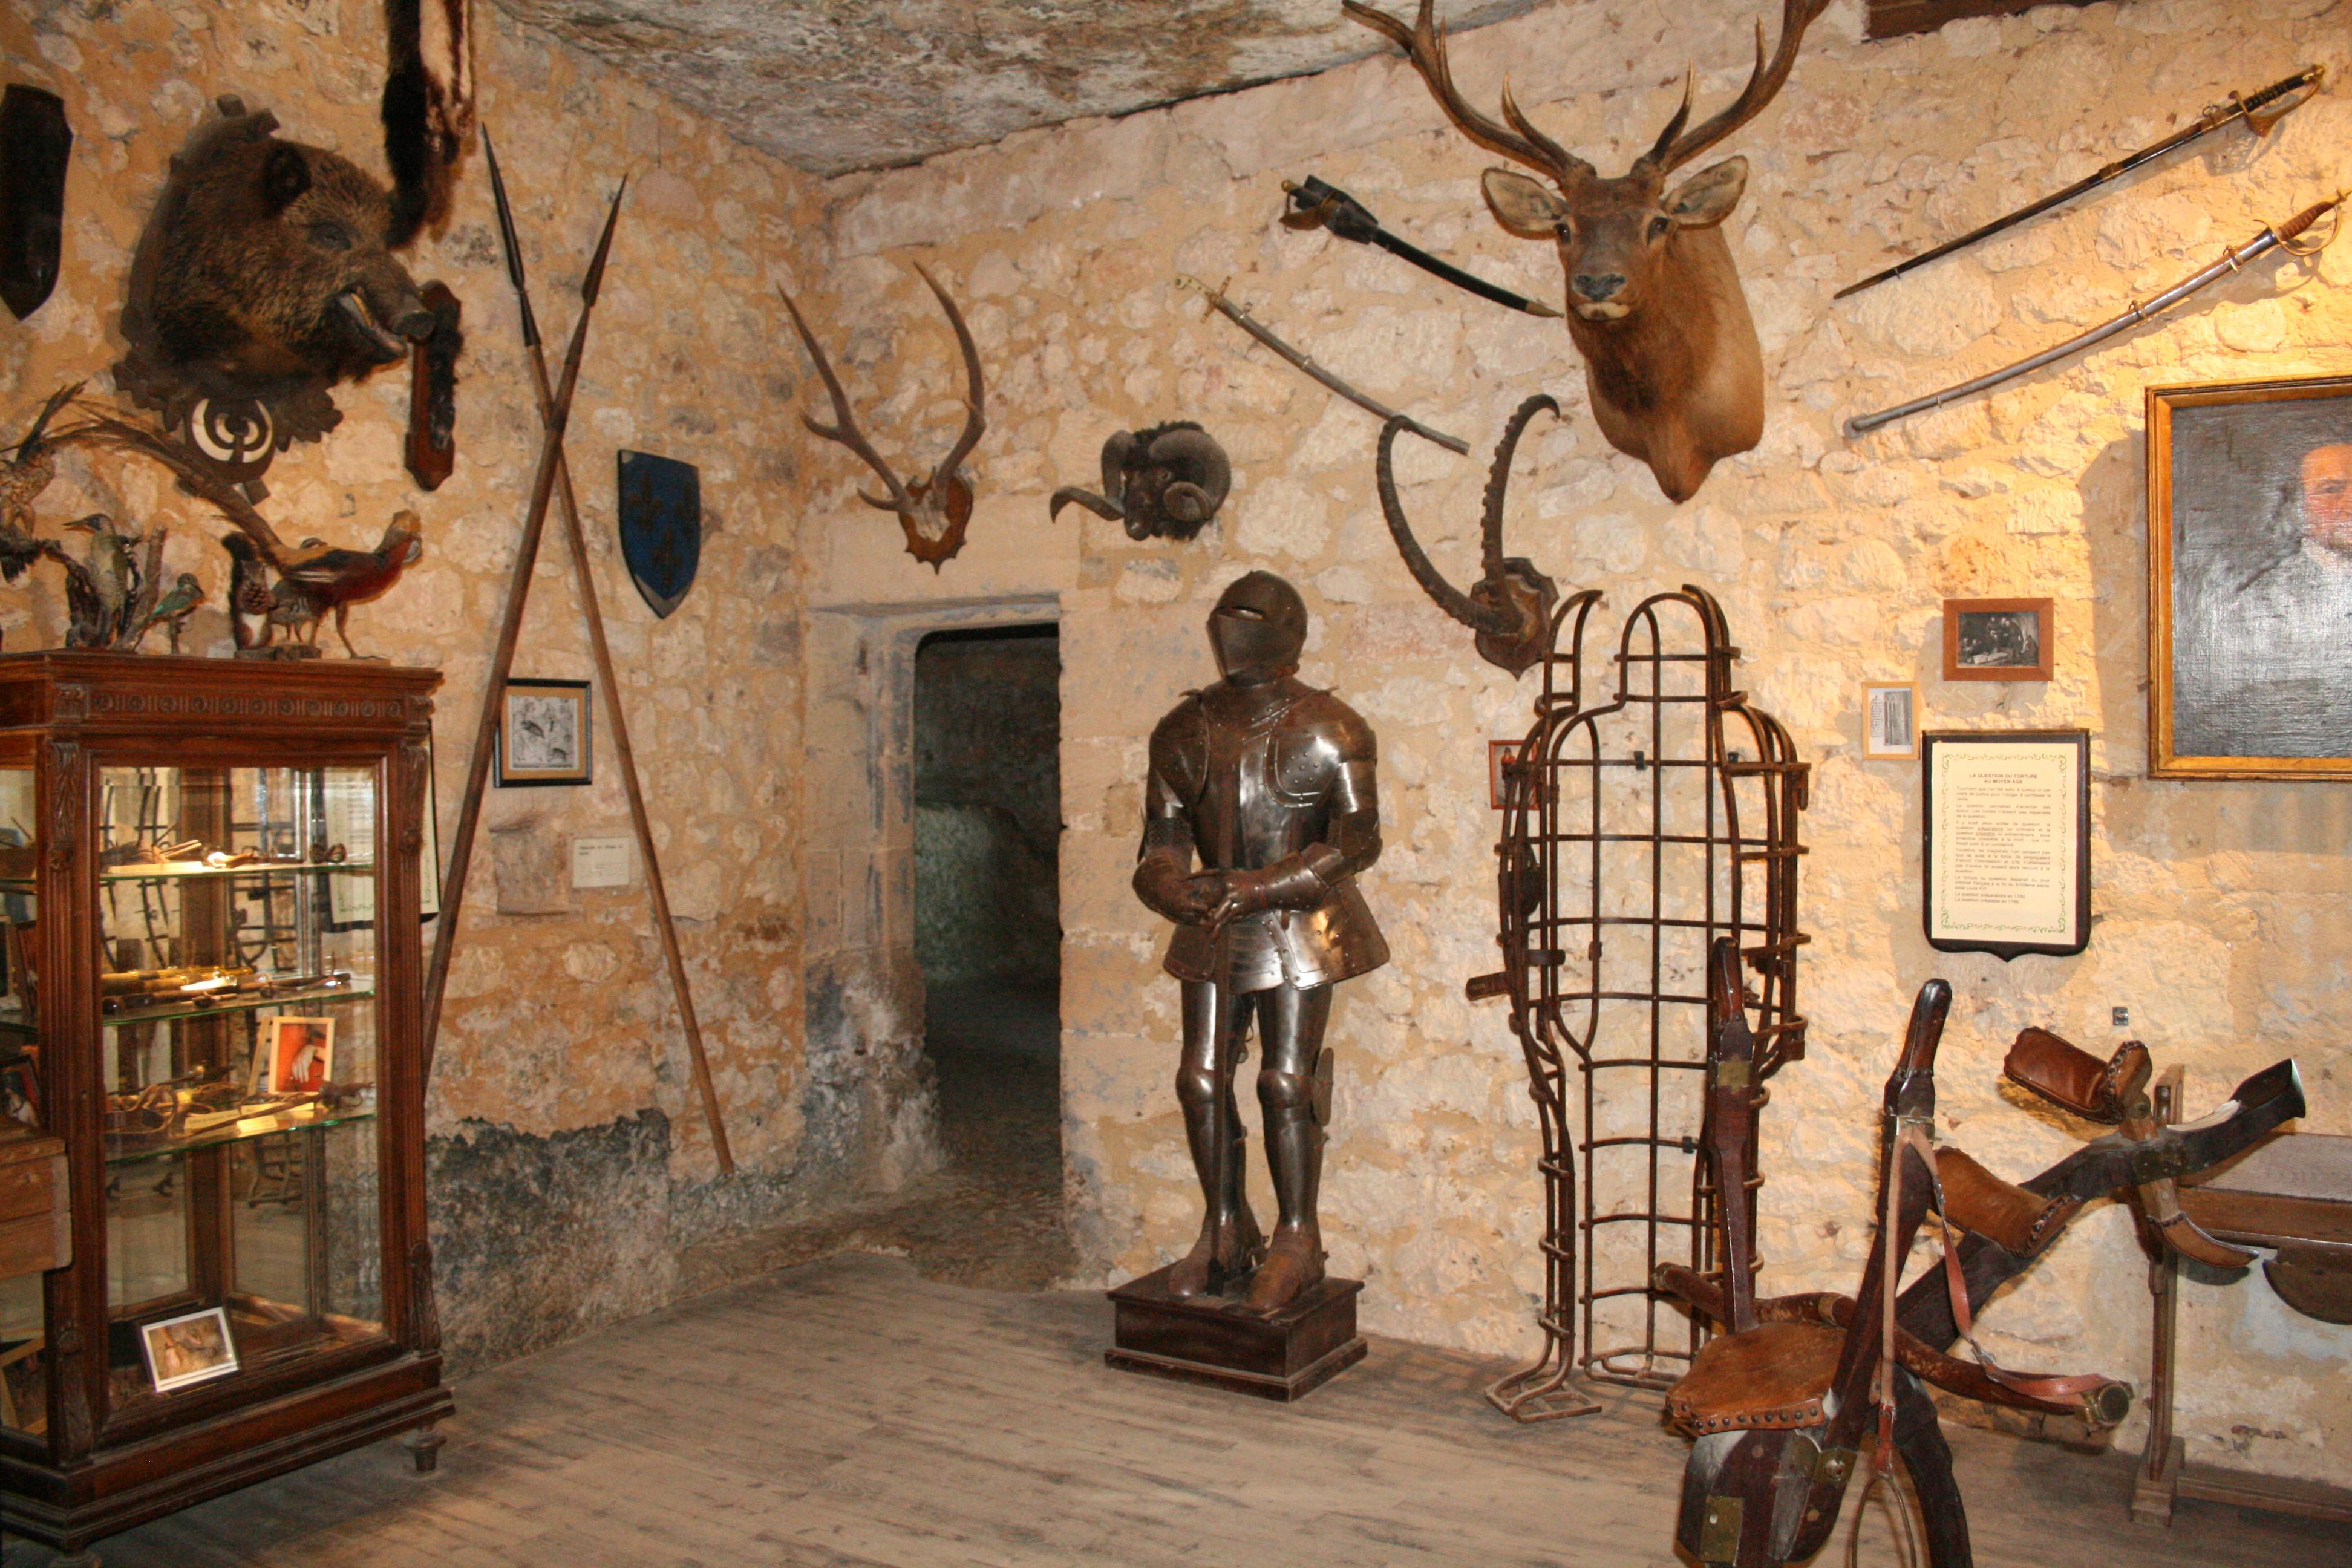 Maison Forte De Reignac Maison Forte De Reignac Tursac Perigord Dordogne Routard Com